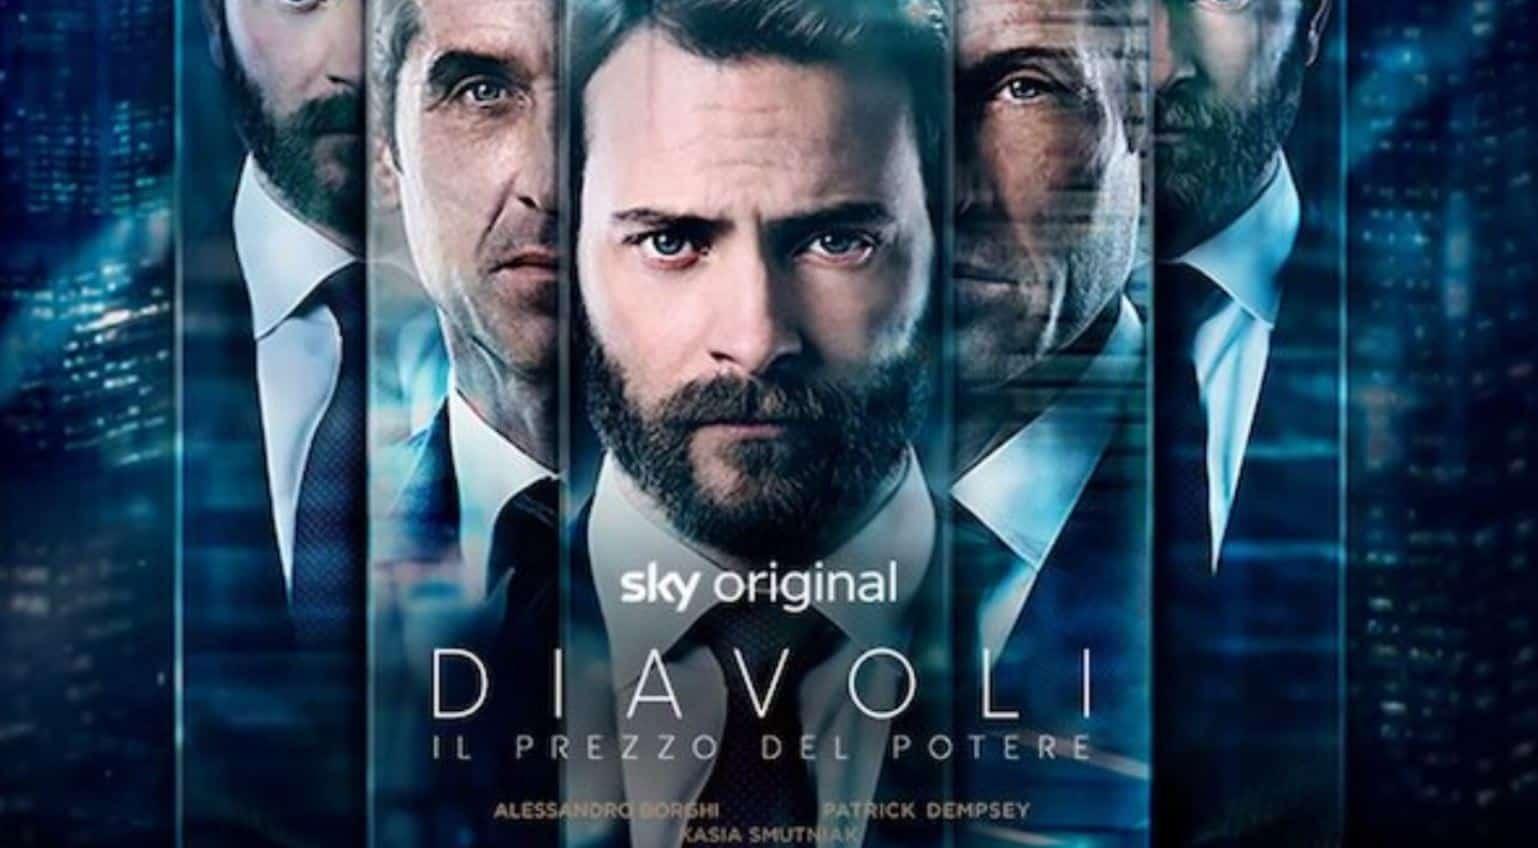 Sky conferma la seconda stagione di Diavoli: Massimo Ruggero e Dominic Morgan protagonisti